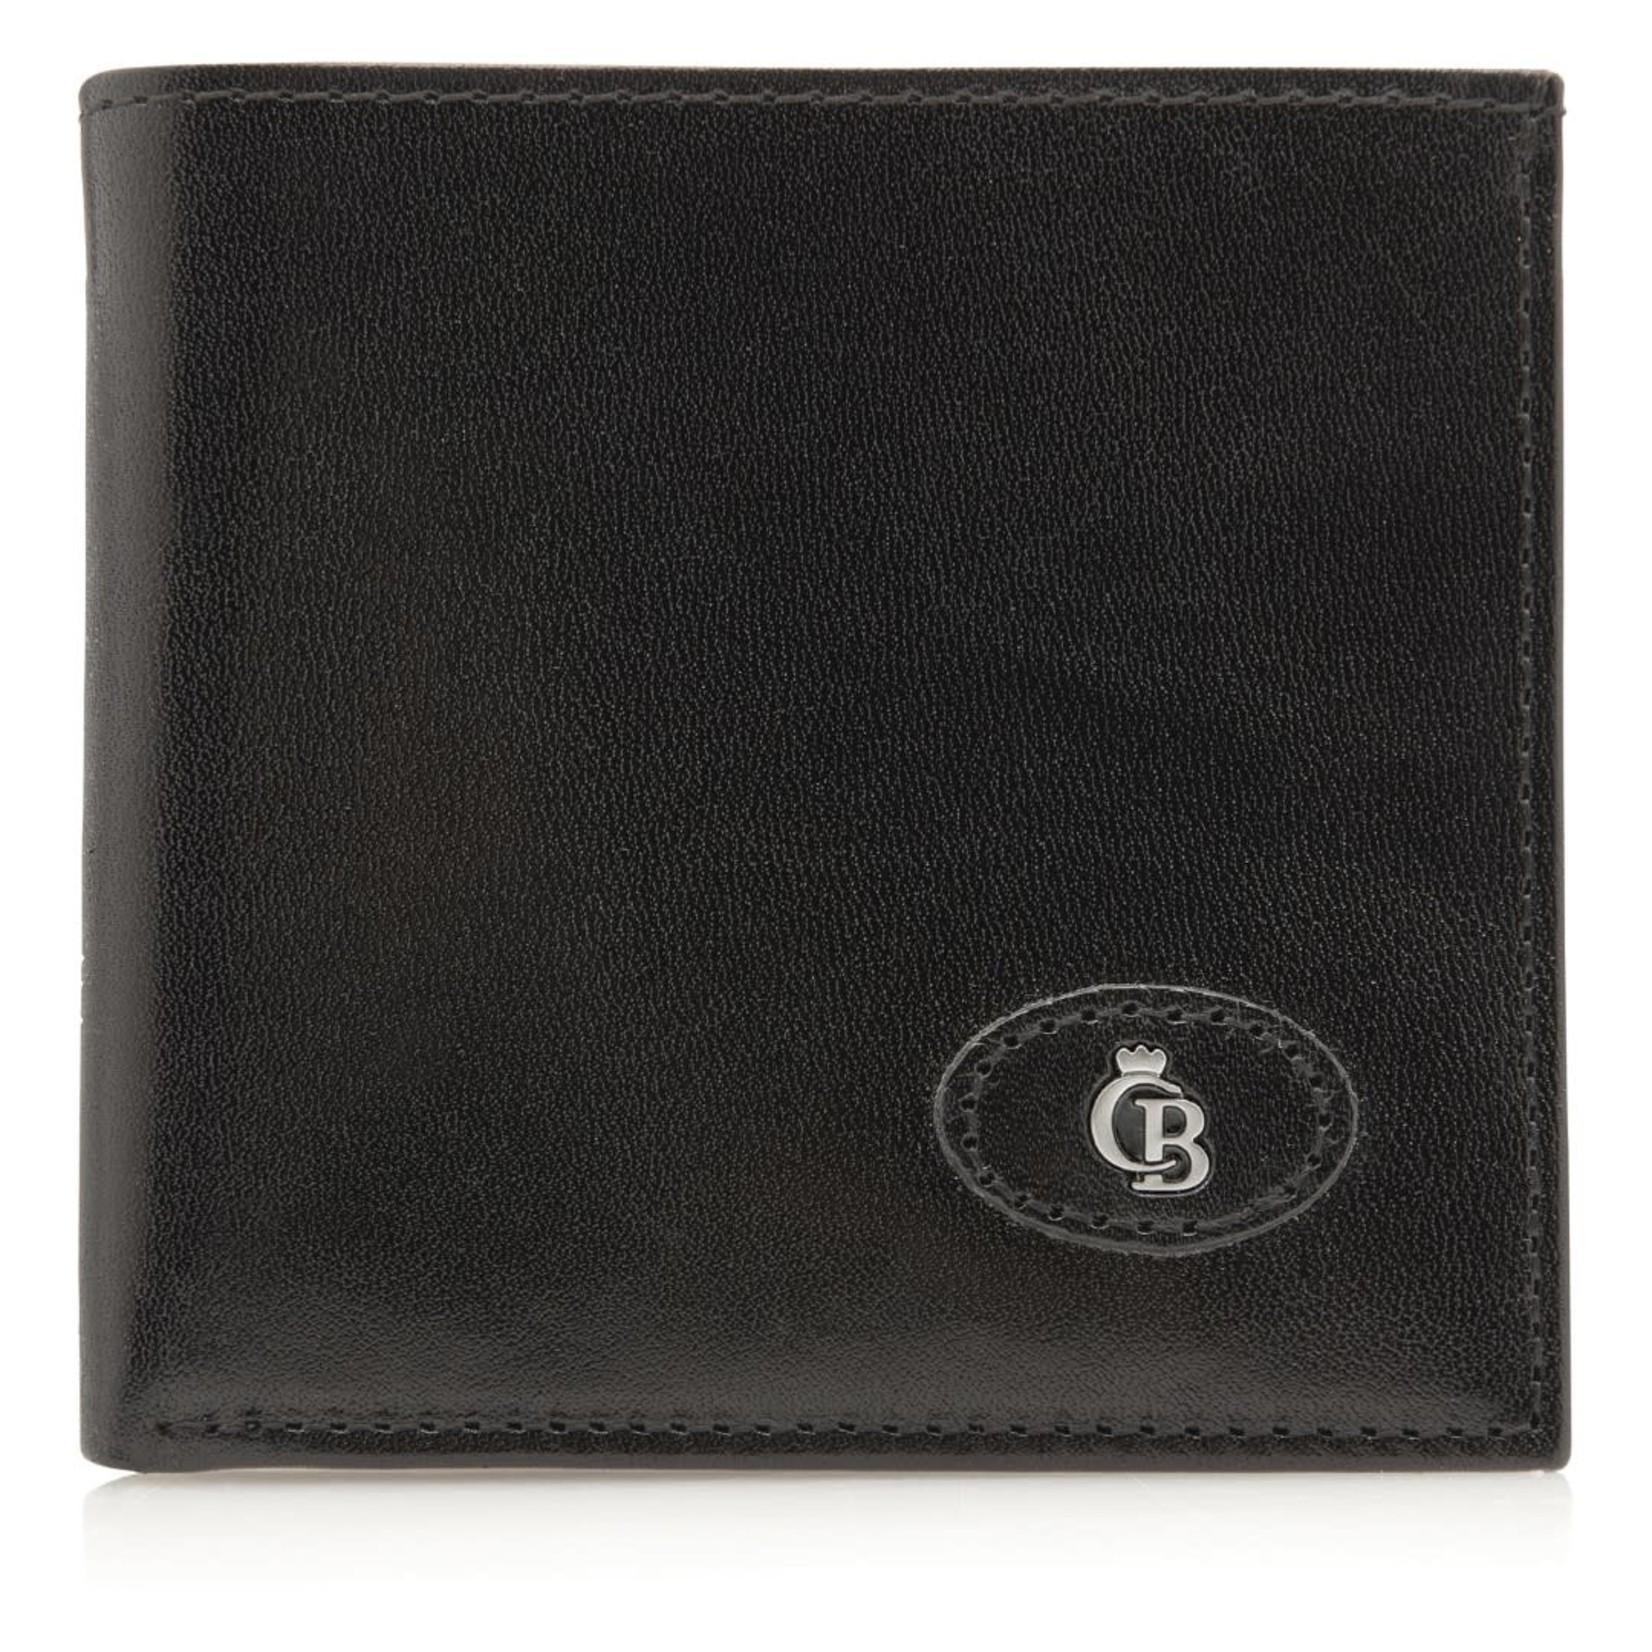 Castelijn en Beerens Billfold RFID Zwart